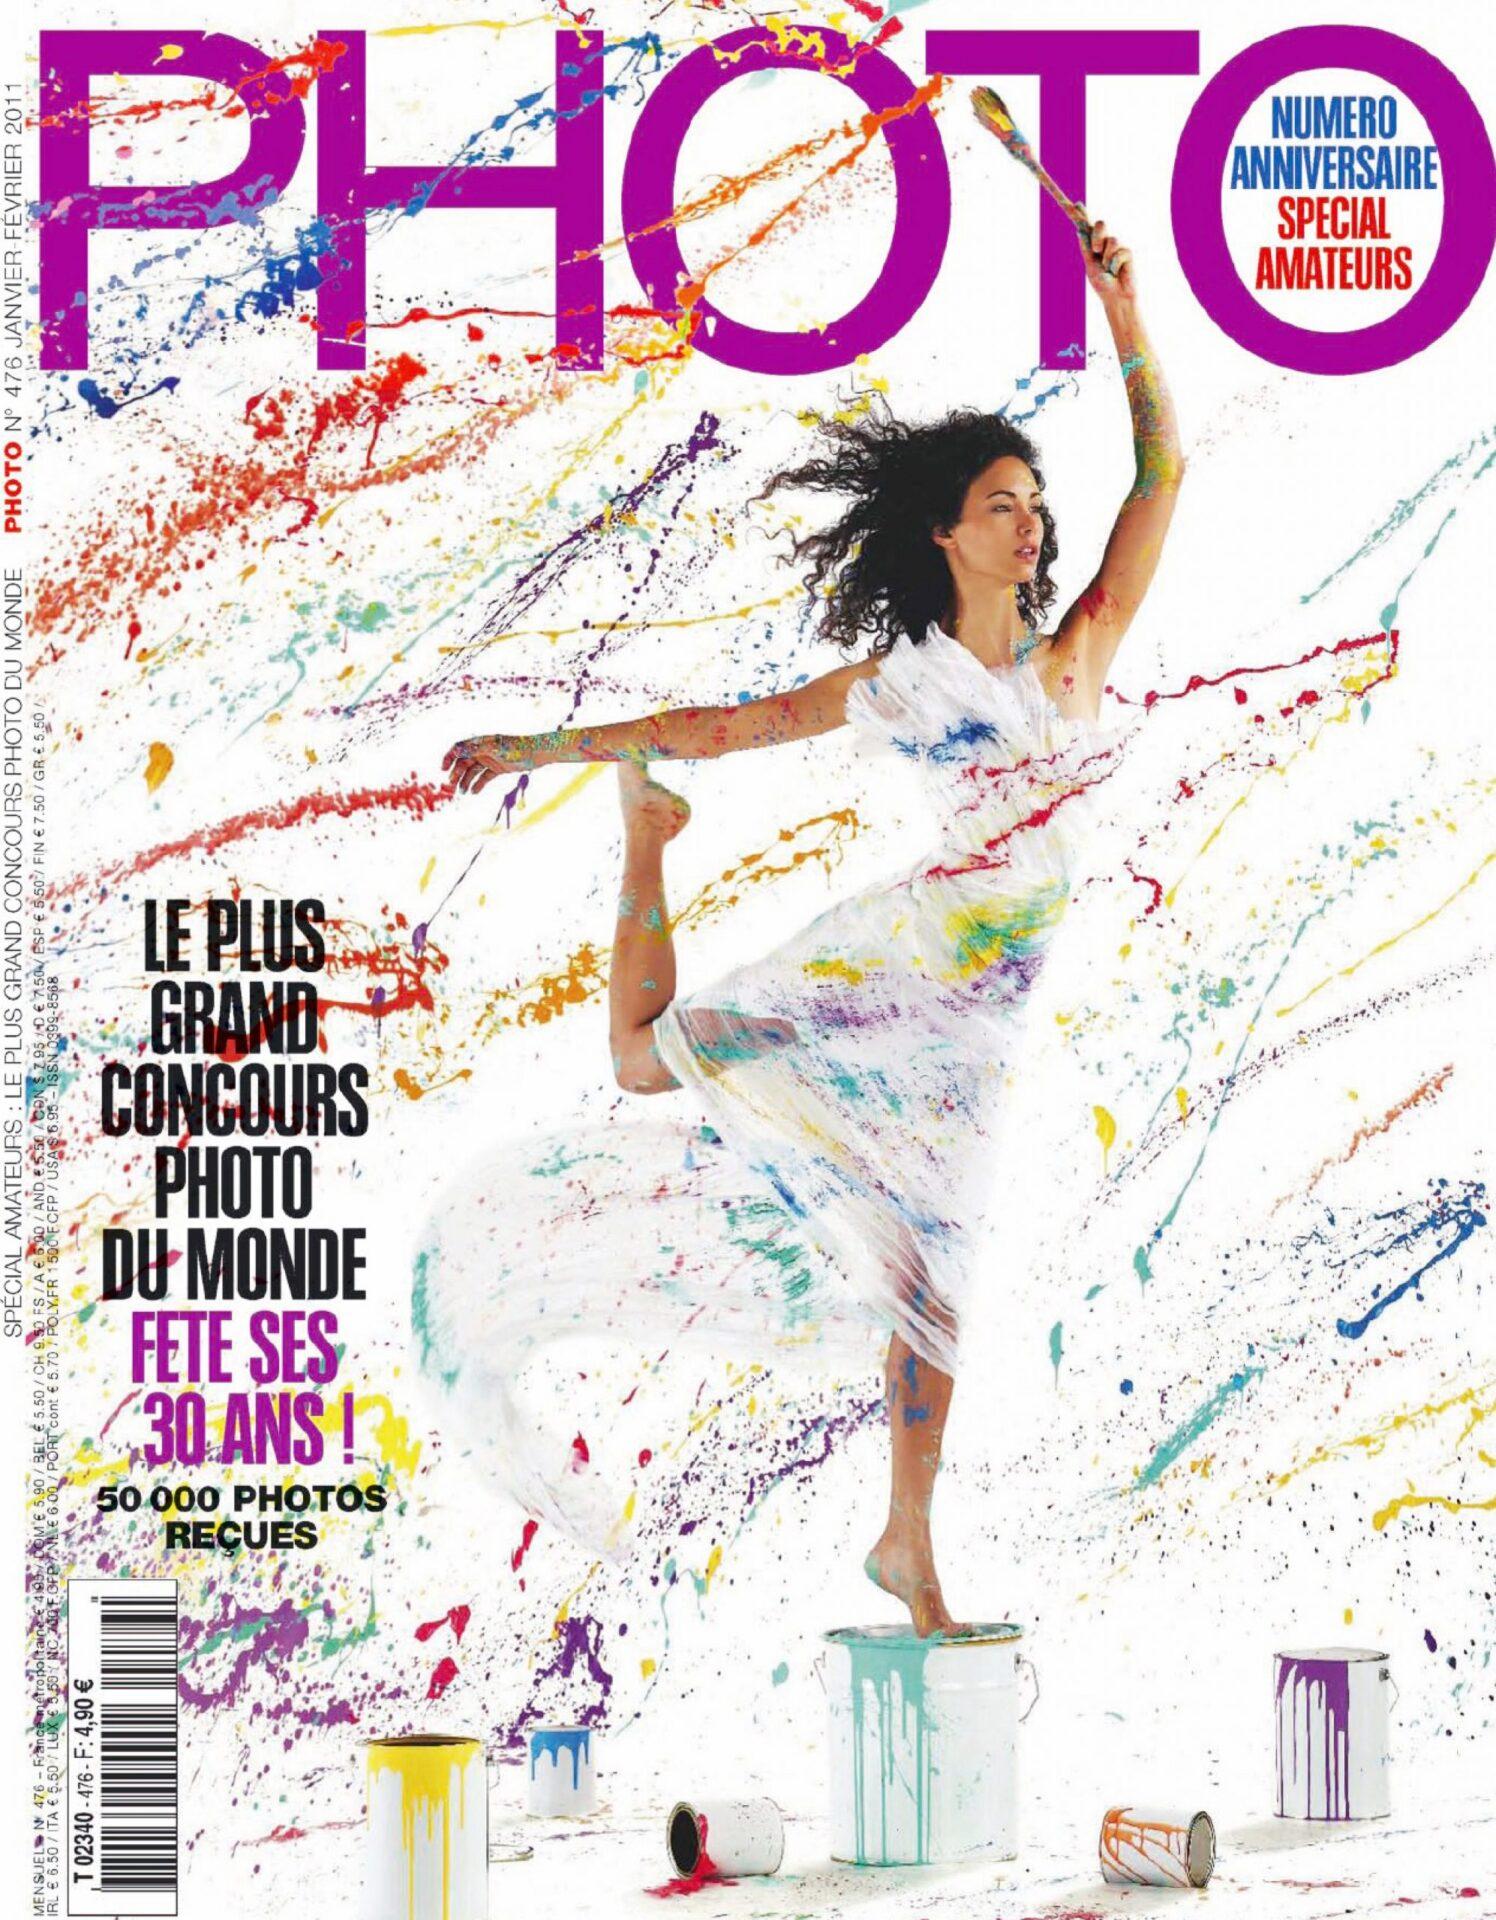 001-Photographe-Magazine-Charles-Edouard-Gil